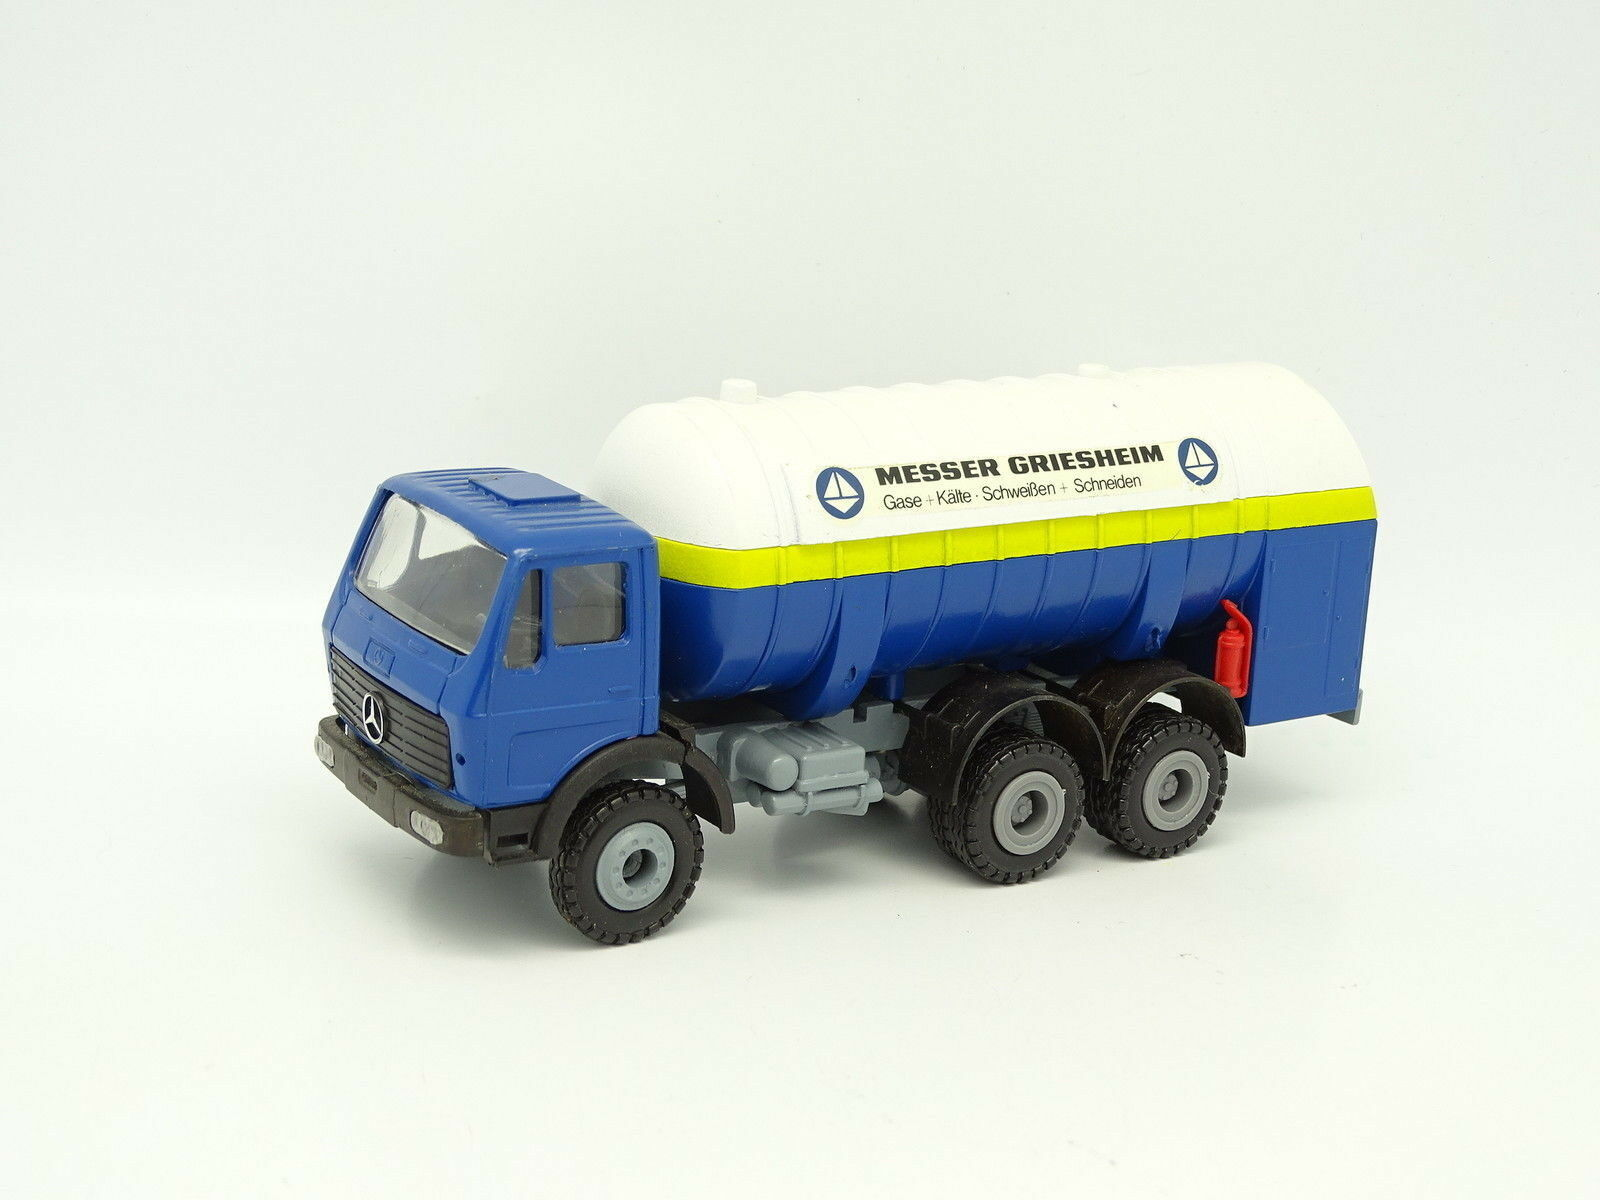 Conrad 1  50 Mercedes Tank Gas MESSER GRIESHeaIM